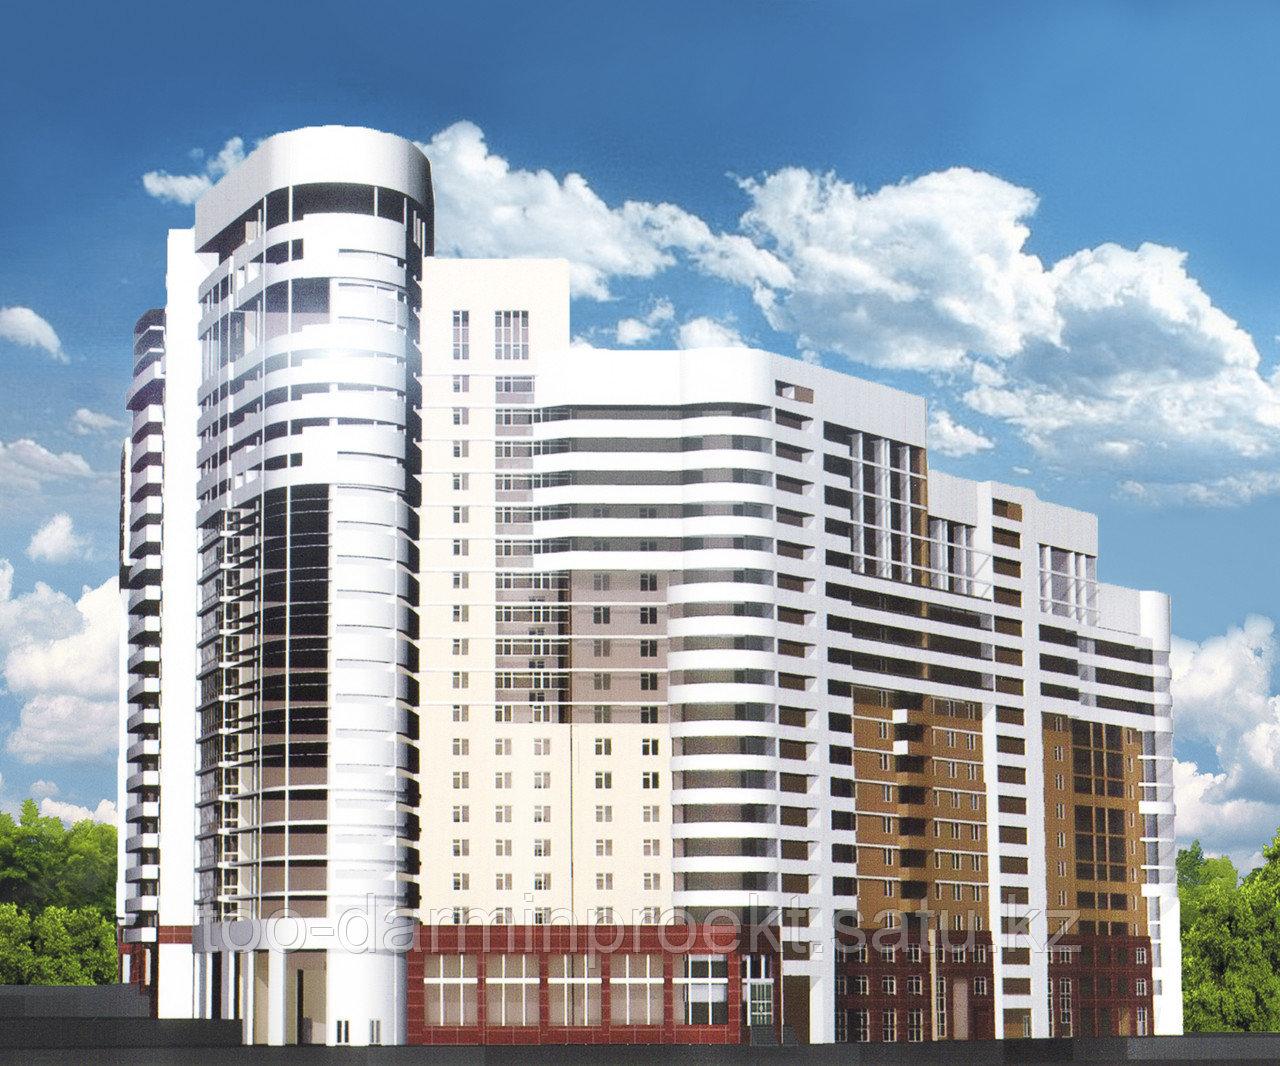 Архитектурное и инженерное проектирование жилых зданий